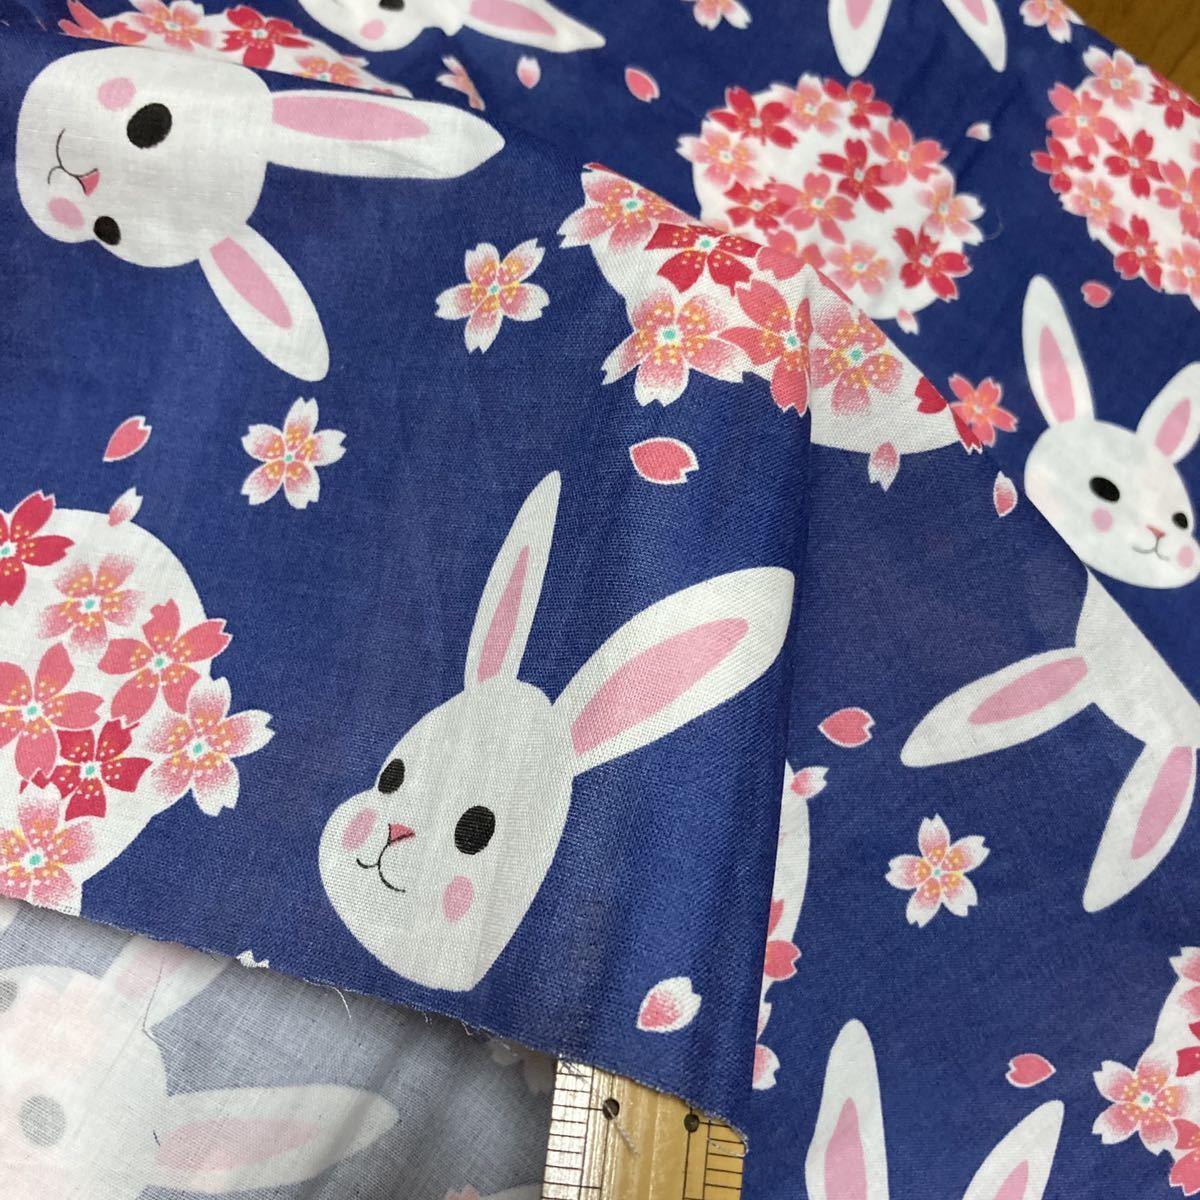 ダブルガーゼ ネイビーウサギ桜 150cm×100cm送料込_画像3